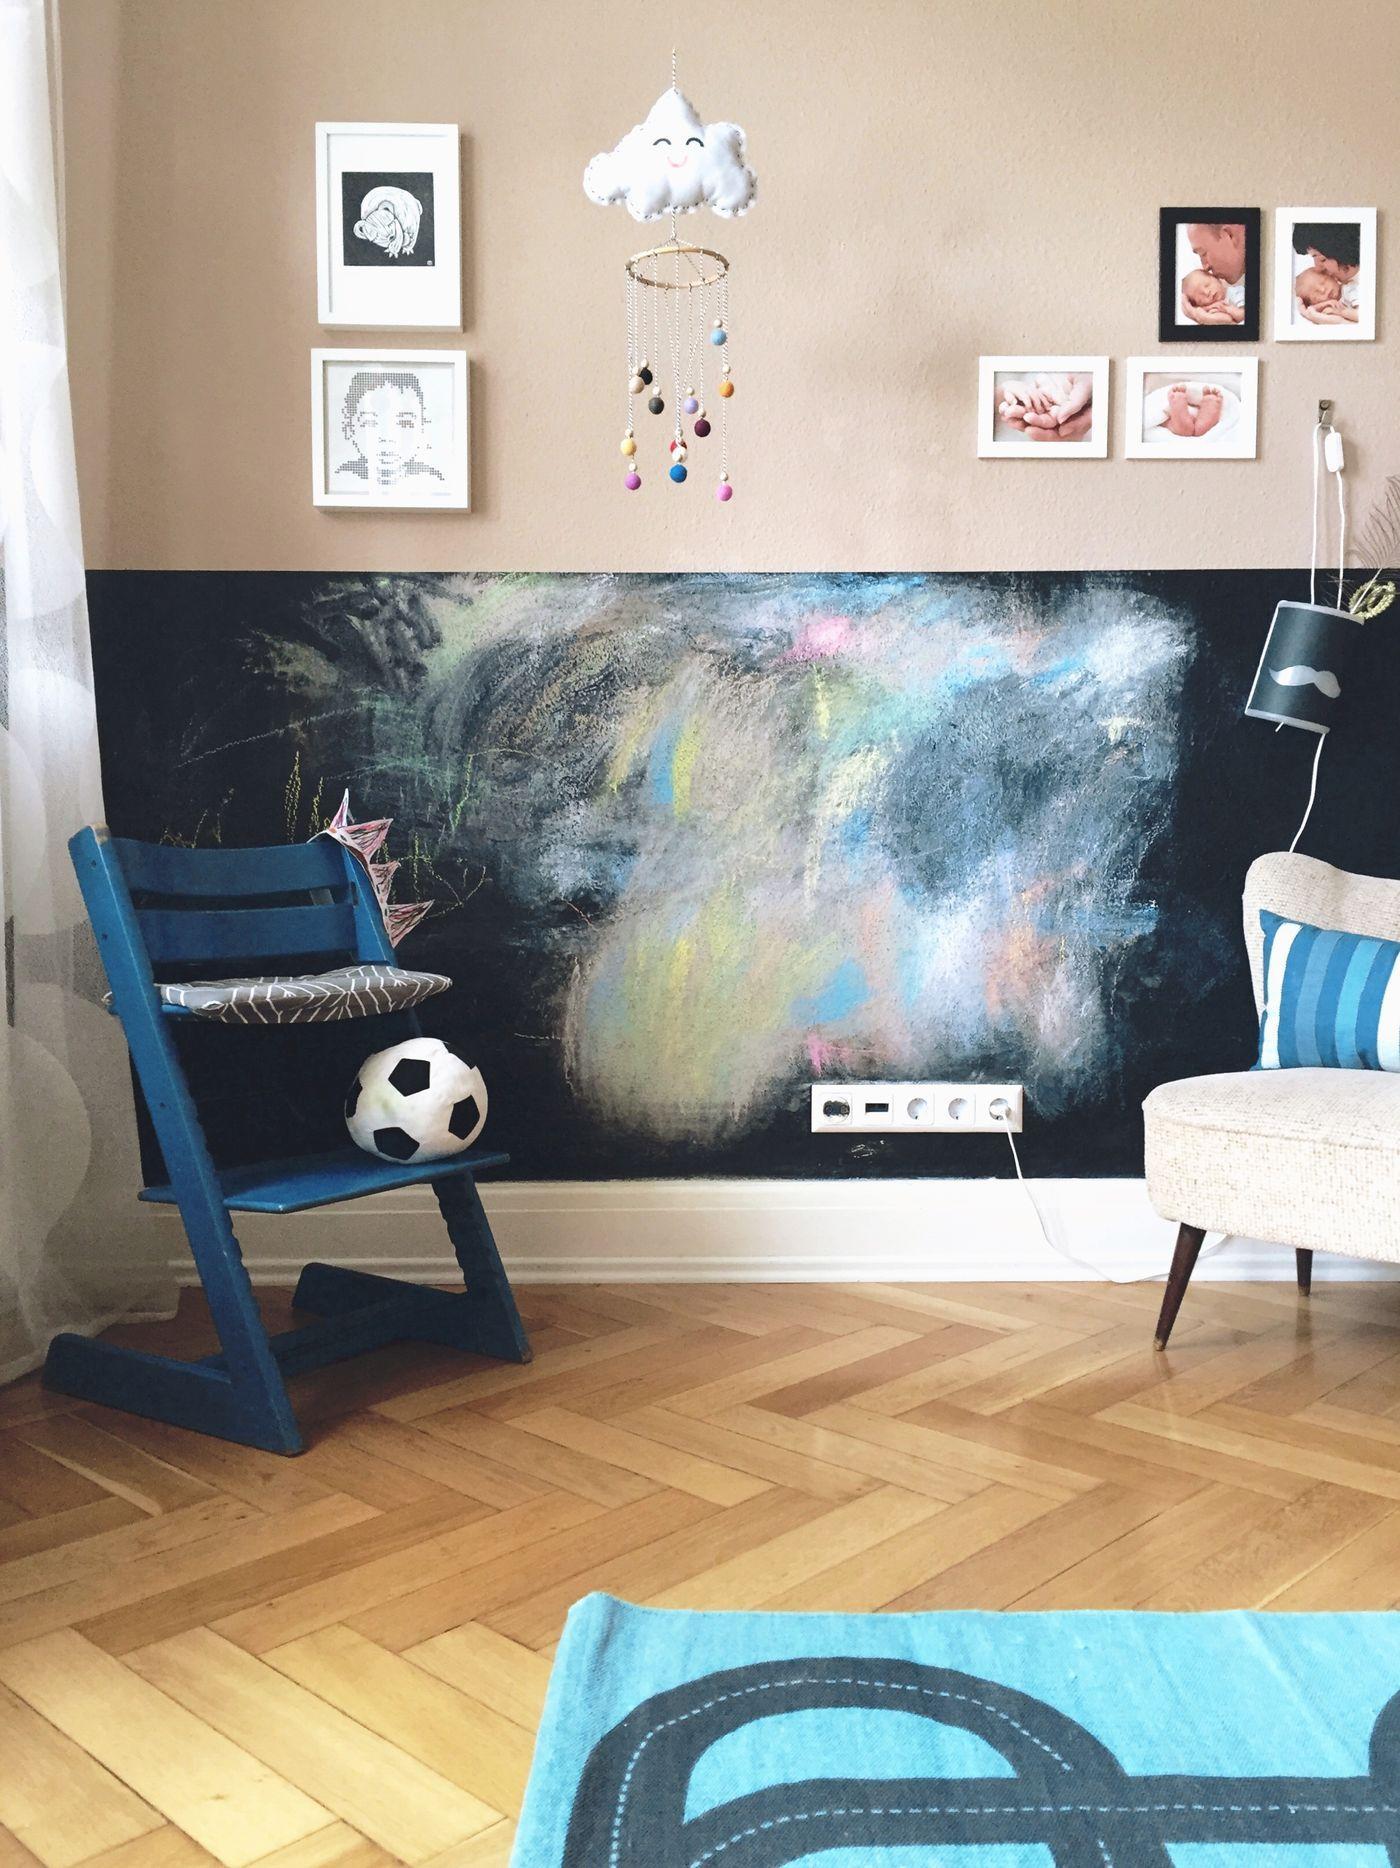 Fantastisch Wunderbar Farbgestaltung Im Kinderzimmer U2013 55 Beispiele Und Ideen ...  SoLebIch